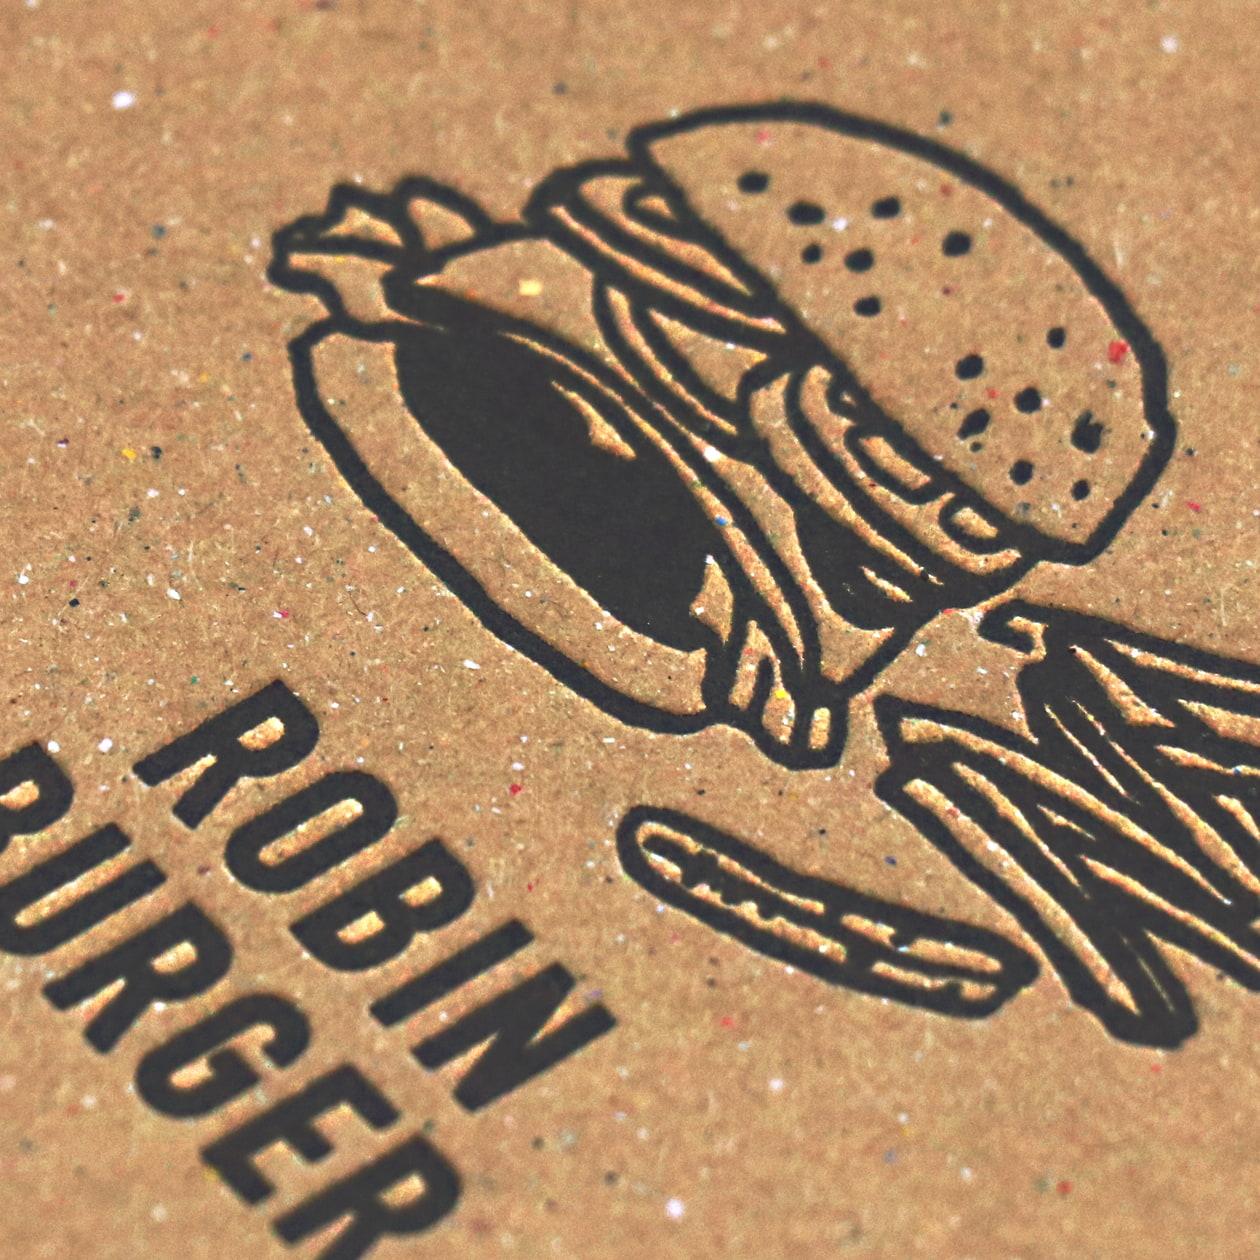 ハンバーガーショップのコースター